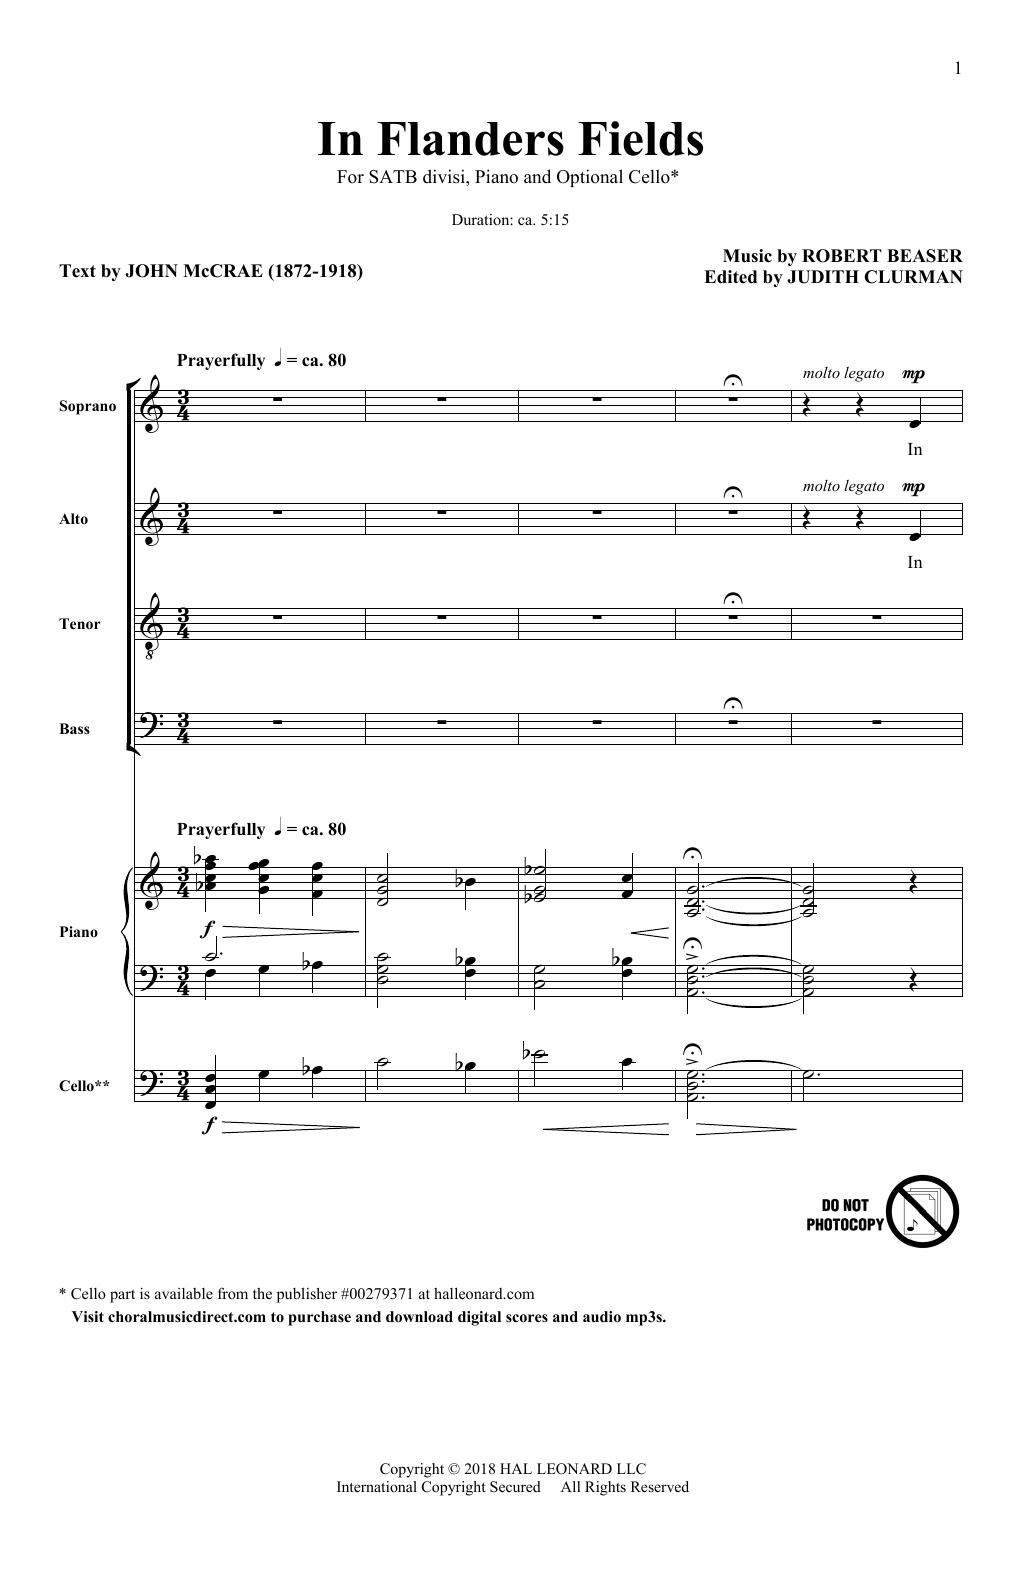 In Flanders Fields (SATB Choir)